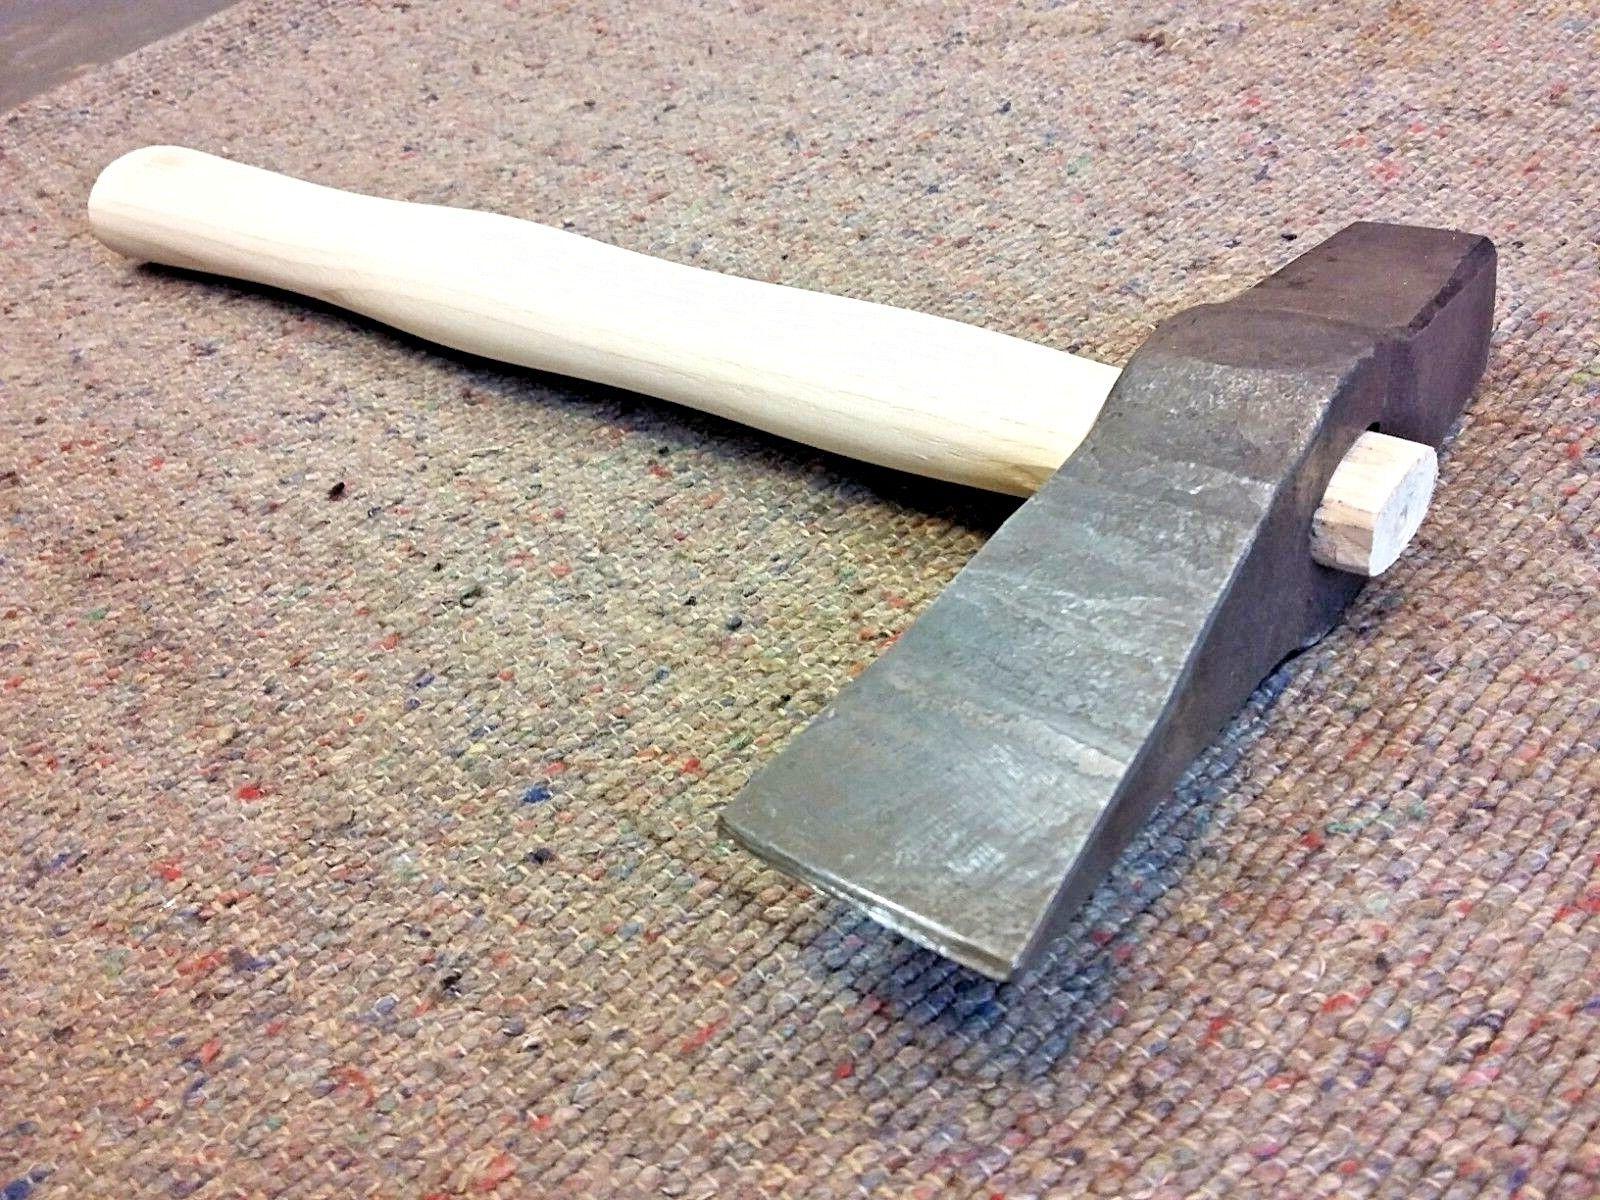 Schlitzhammer, Schrot Hammer, Warmschrot, Schmiede Werkzeug